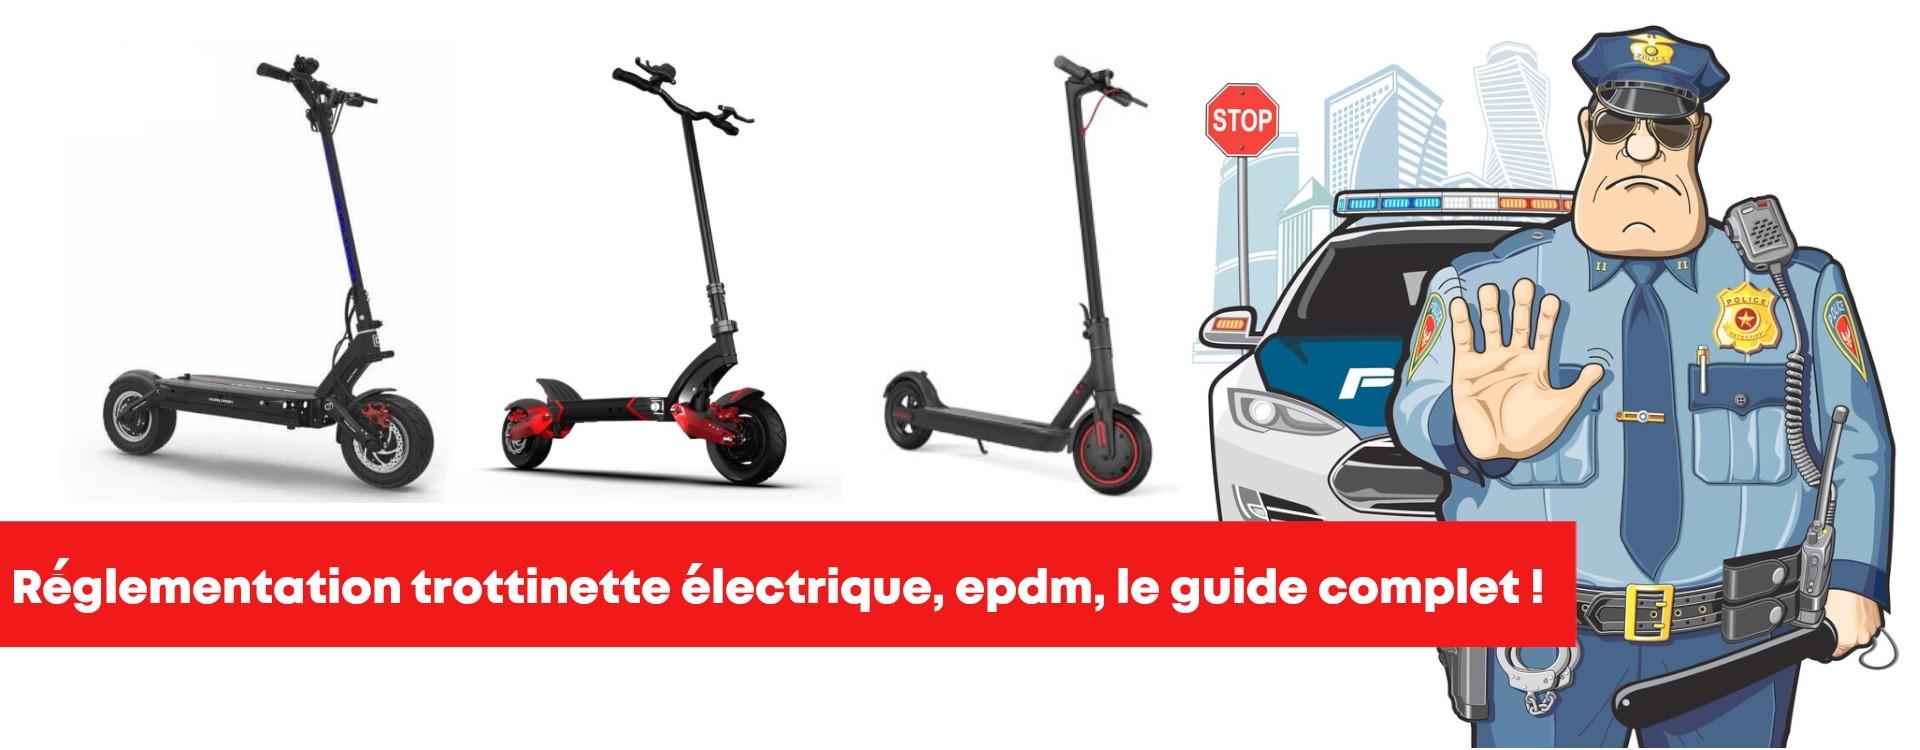 Nouvelle réglementation, loi trottinette électrique. Le guide !